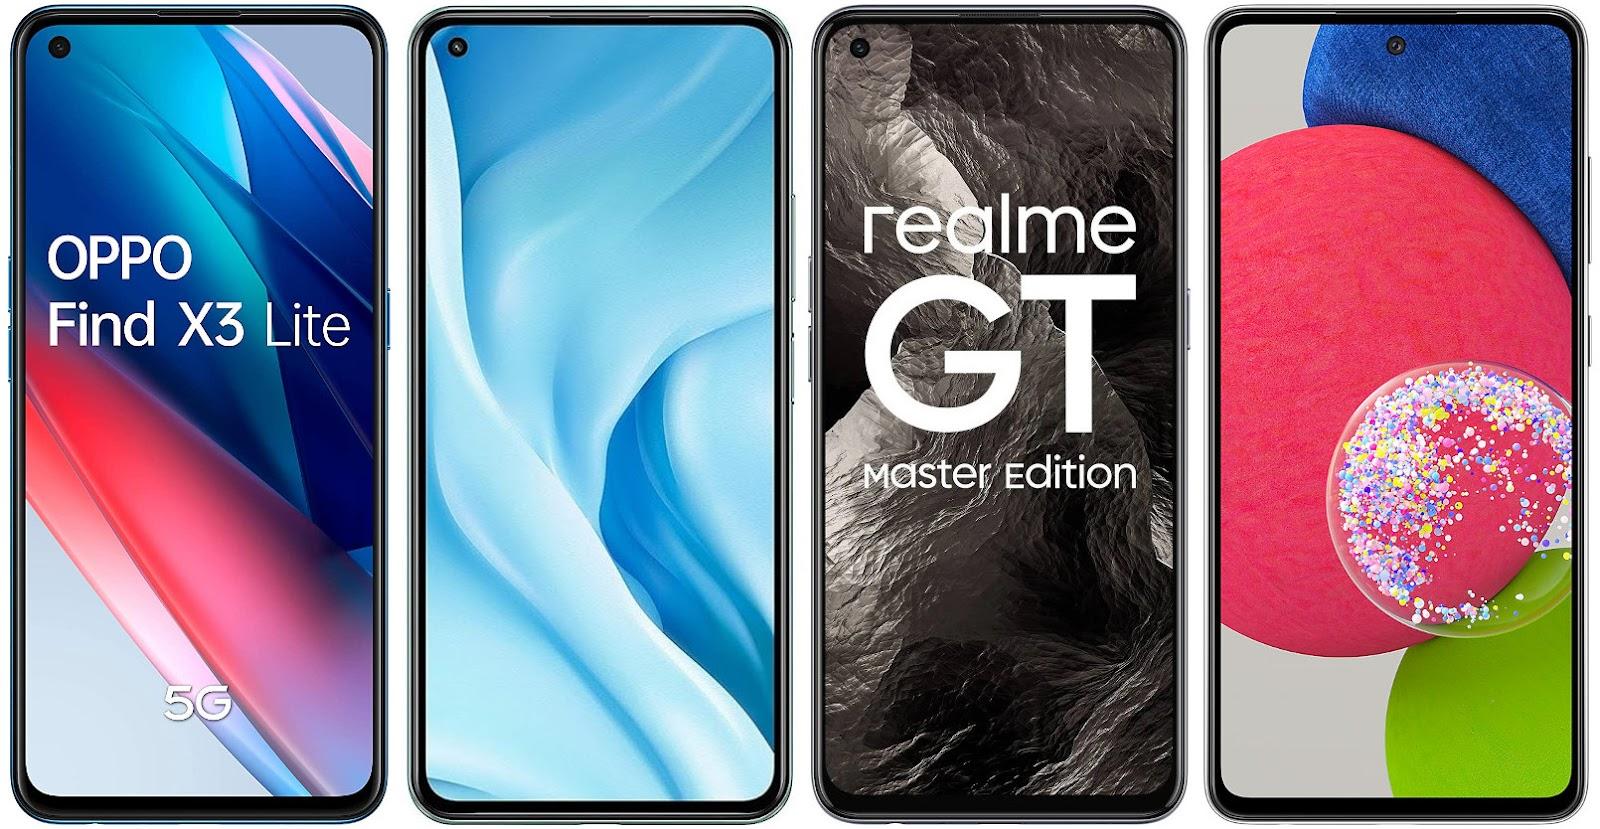 Oppo Find X3 Lite vs Xiaomi Mi 11 Lite 5G vs Realme GT Master Edition vs Samsung Galaxy A52s